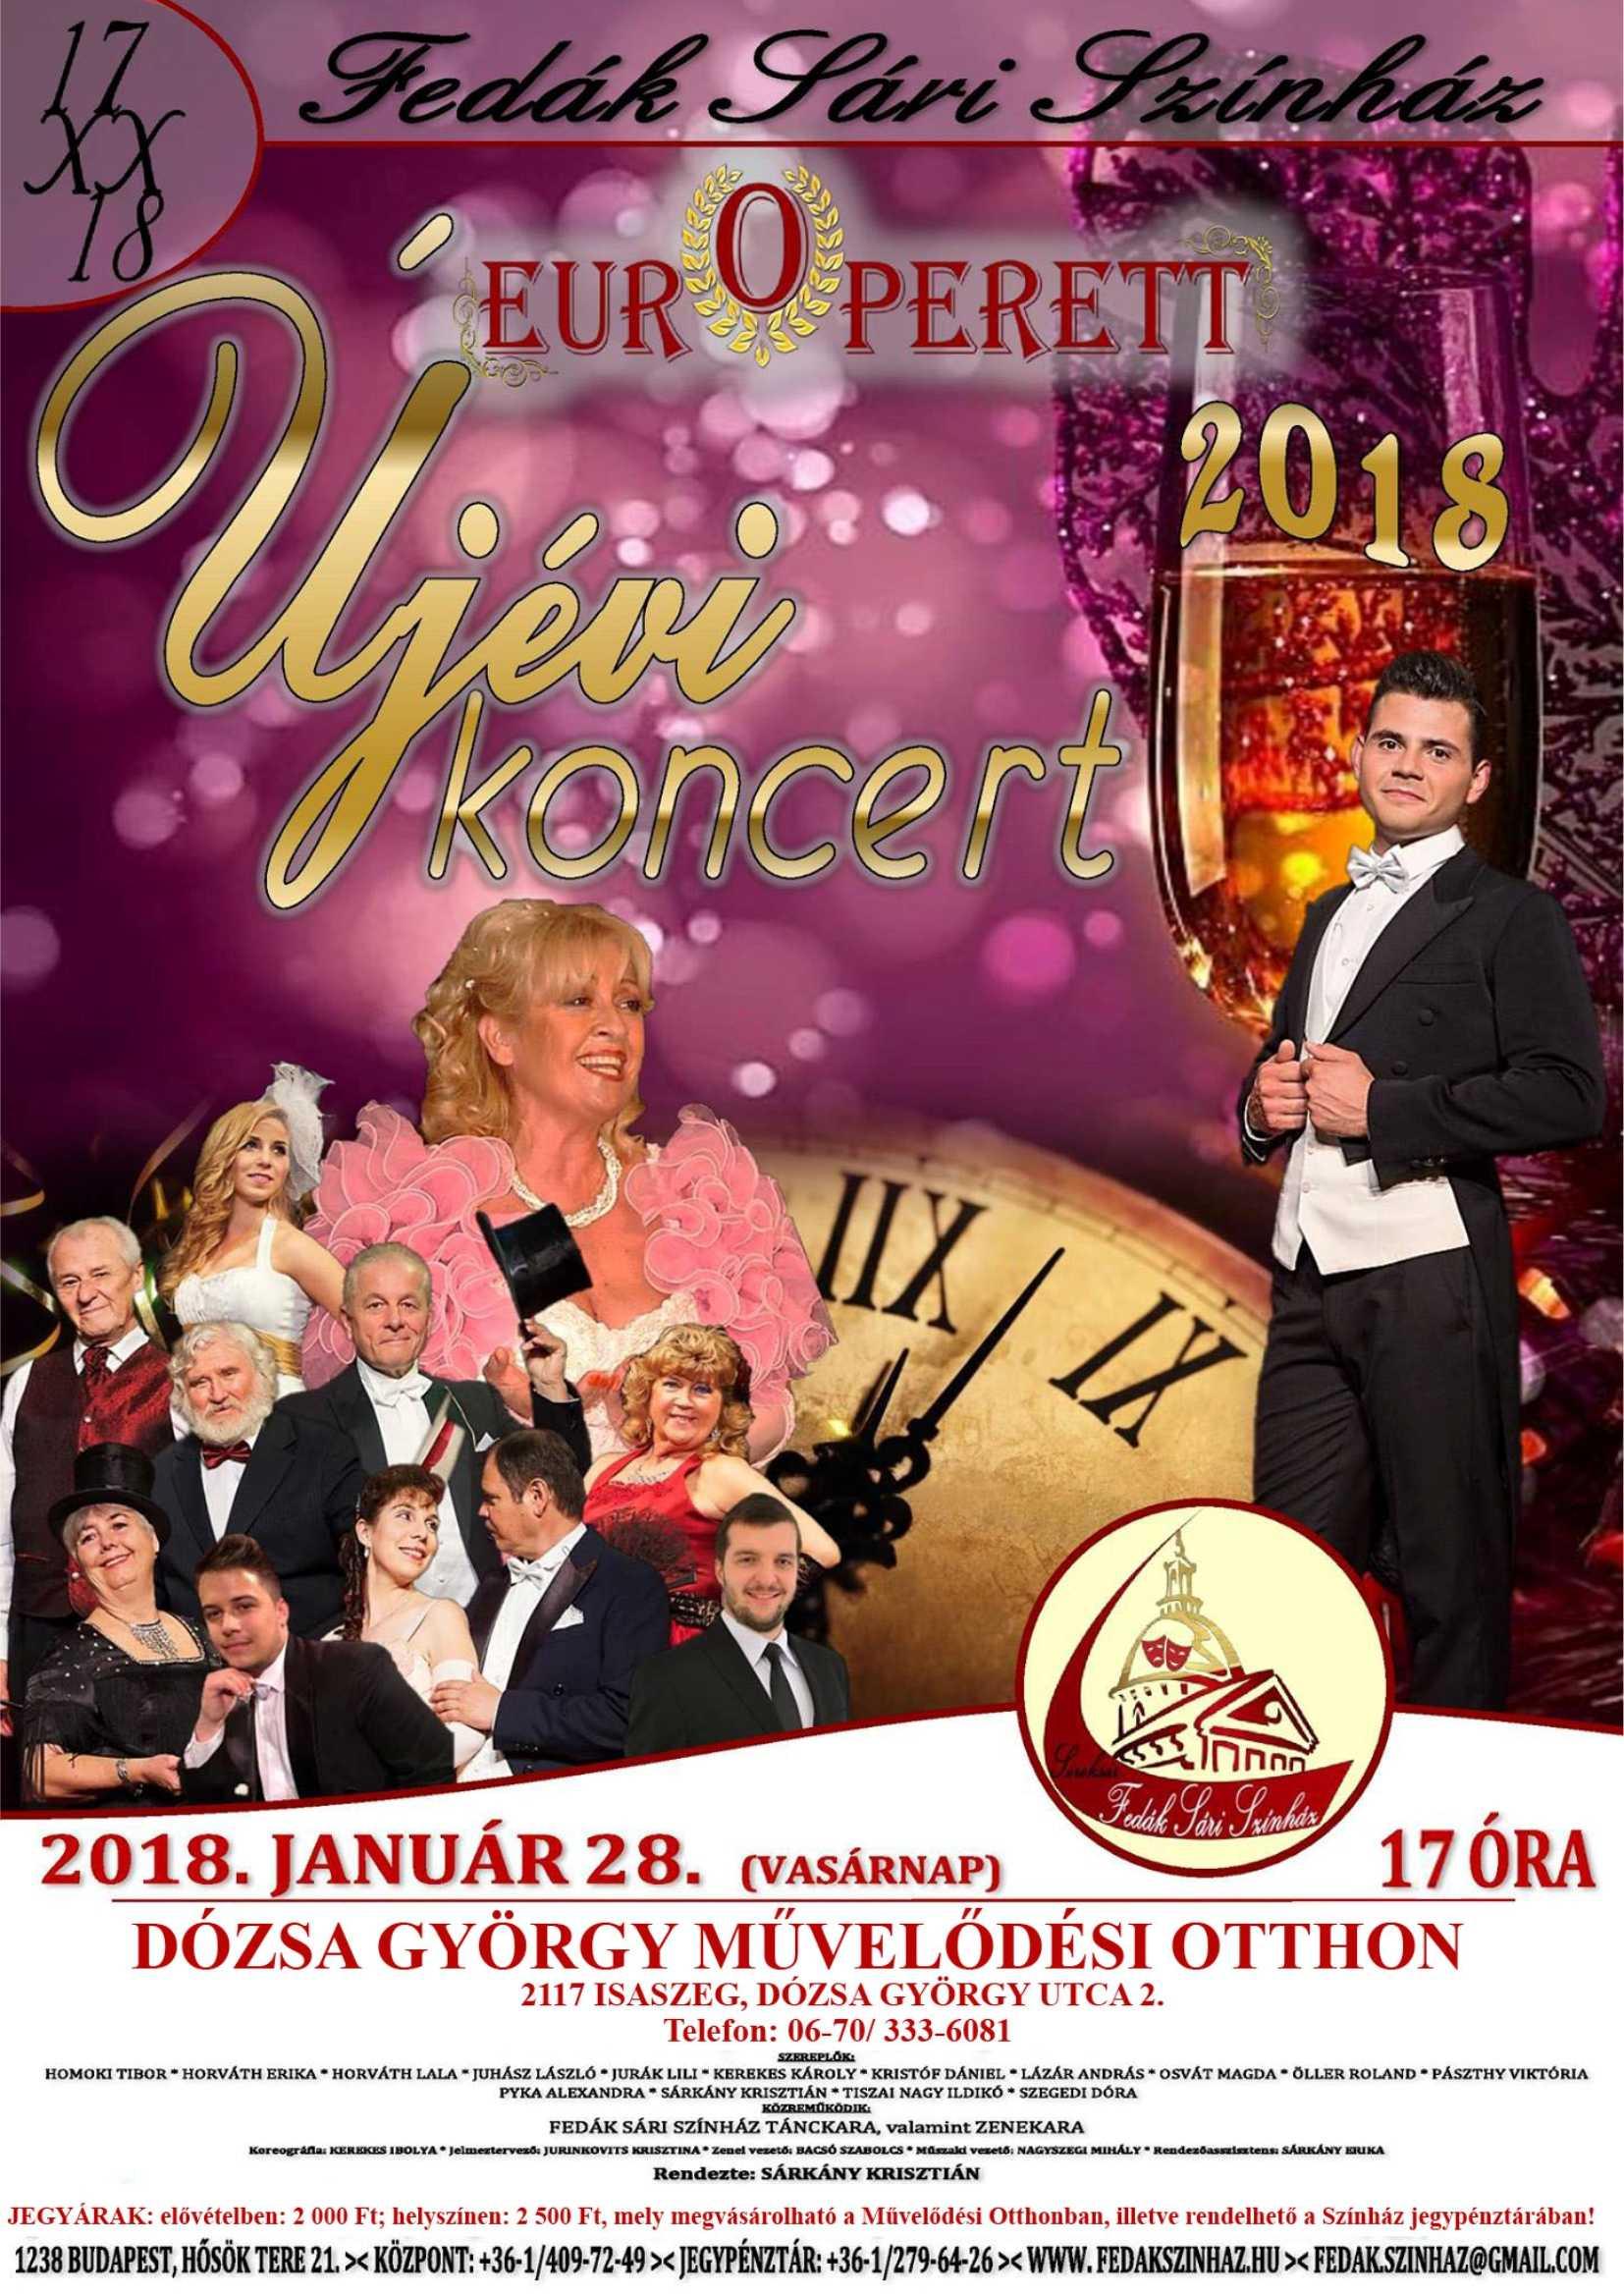 EUROPERETT újévi koncert